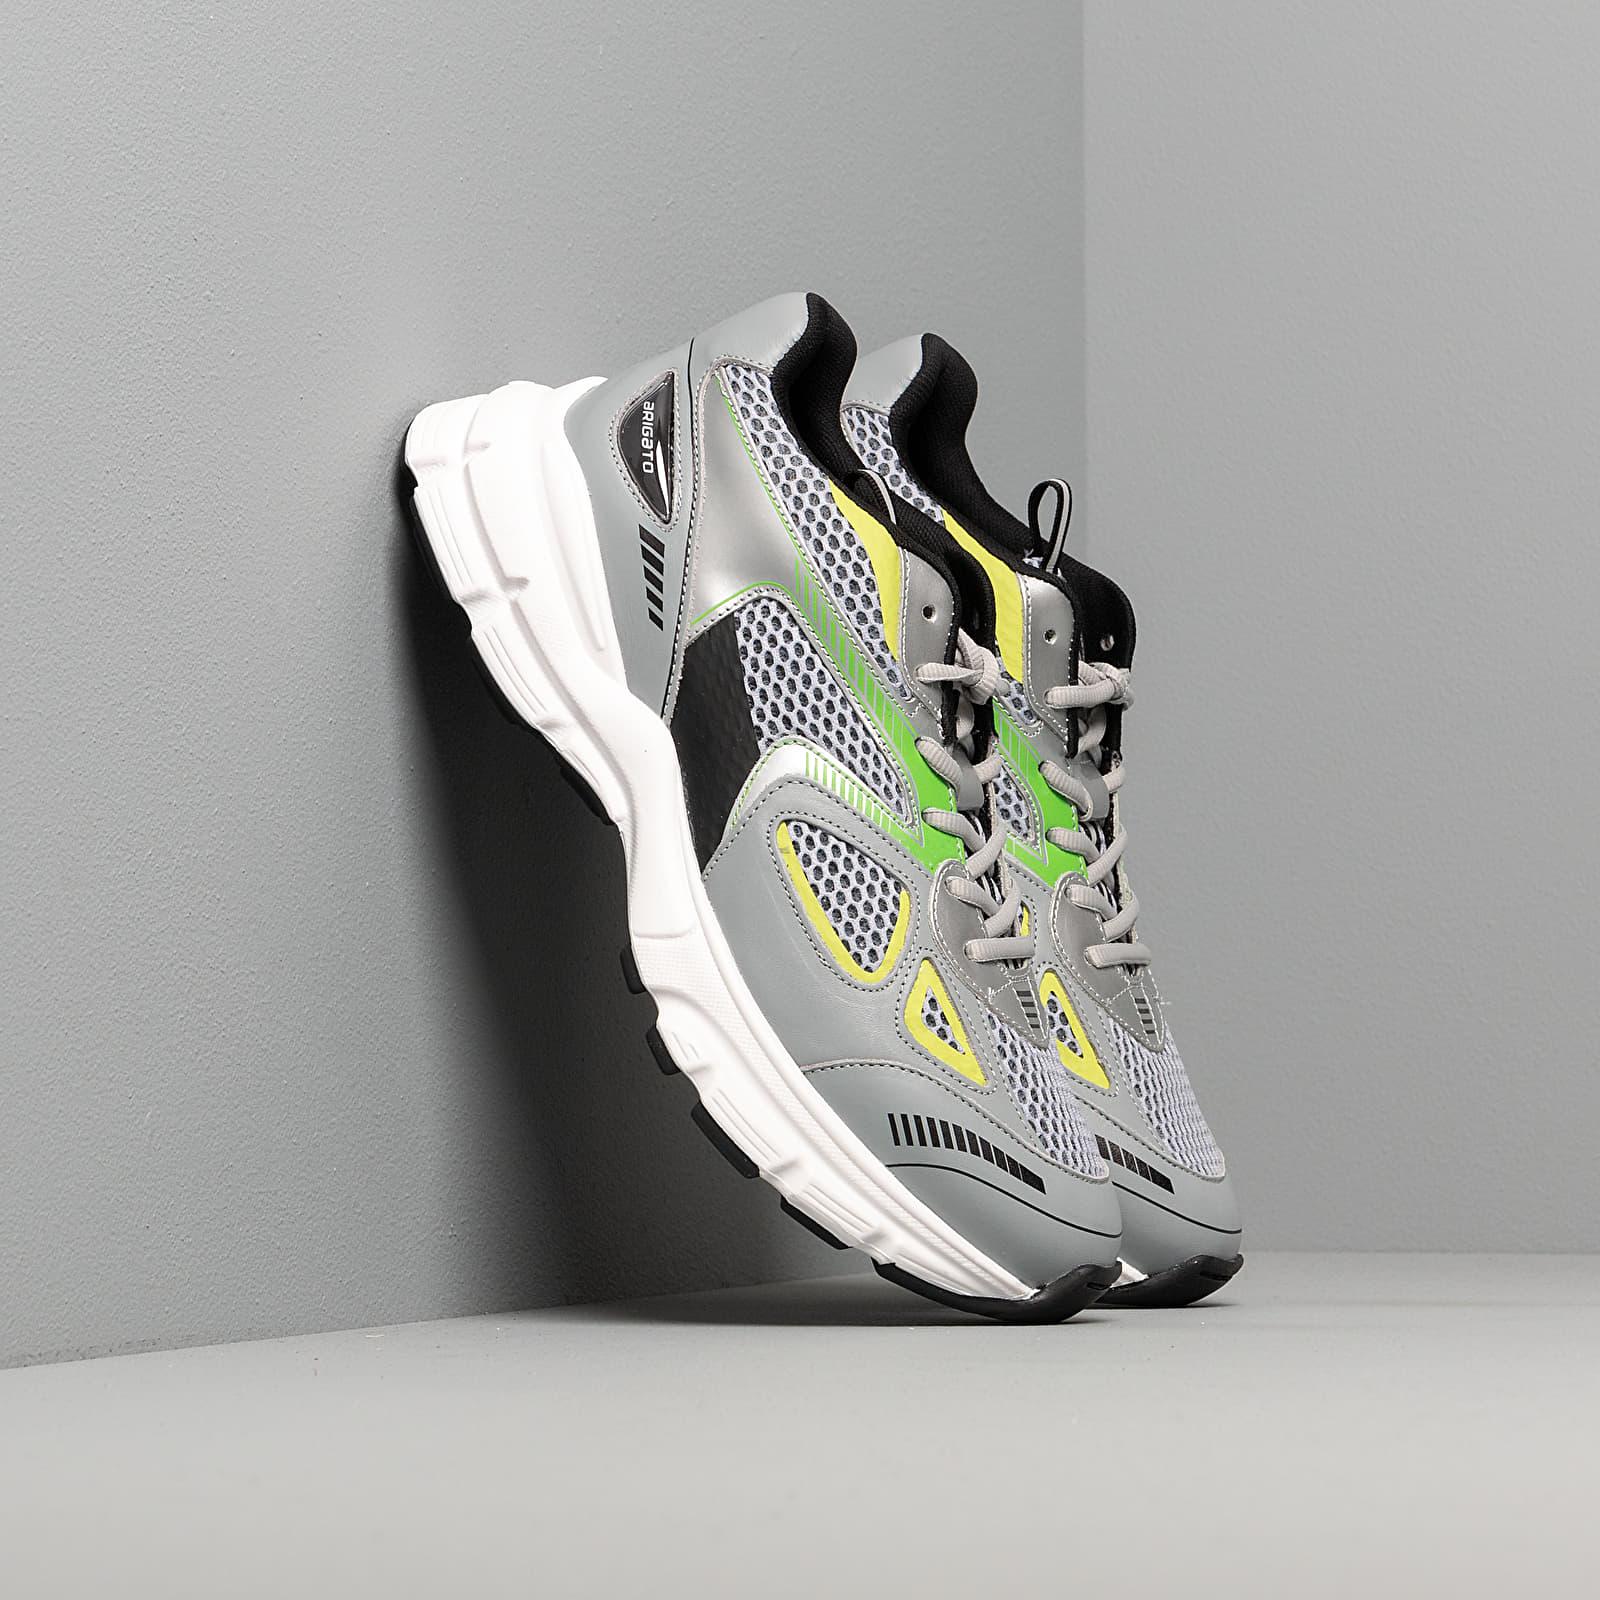 Încălțăminte și sneakerși pentru bărbați Axel Arigato Marathon Runner Grey/ Neon Green